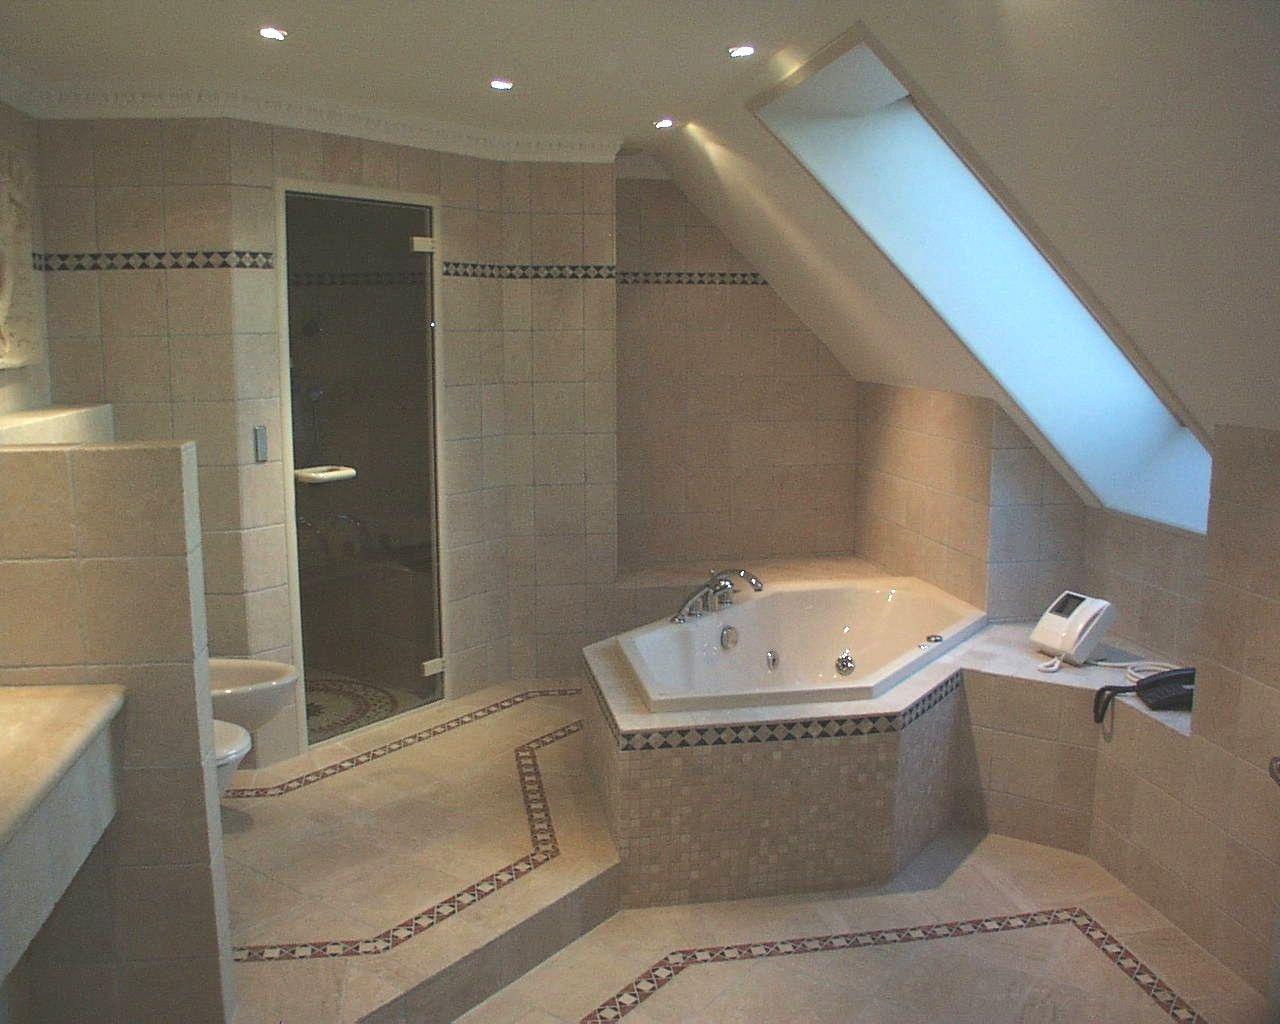 Badkamer Met Natuursteen : Design badkamer natuursteen badkamer ideeën